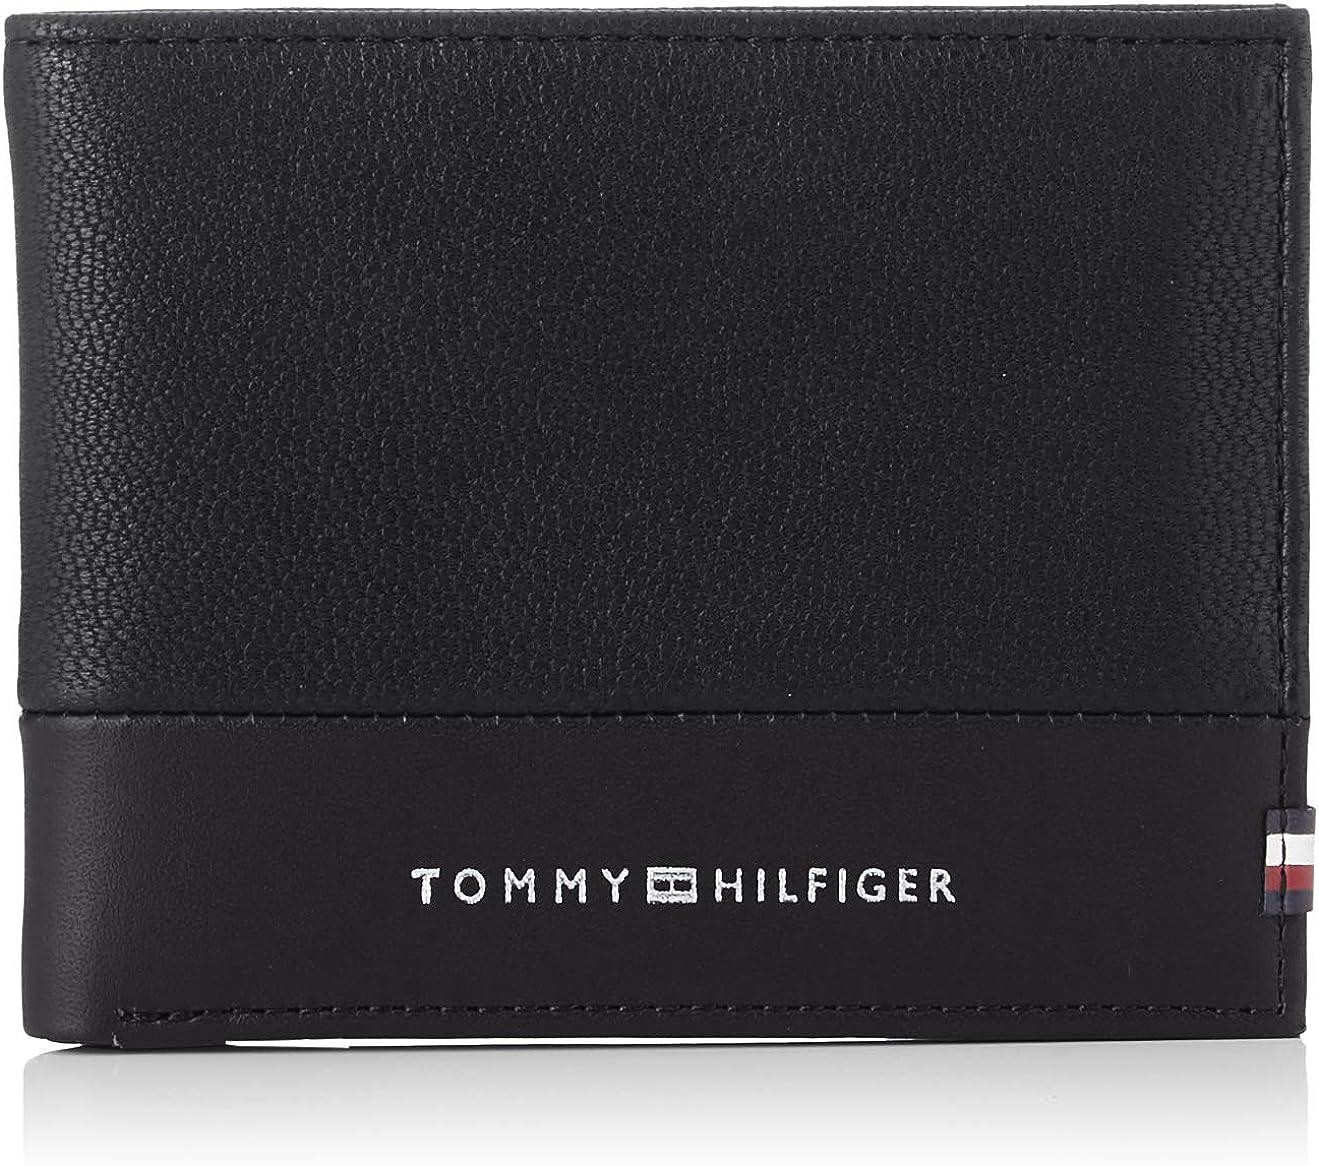 Tommy Hilfiger - Textured Mini CC Wallet, Carteras Hombre